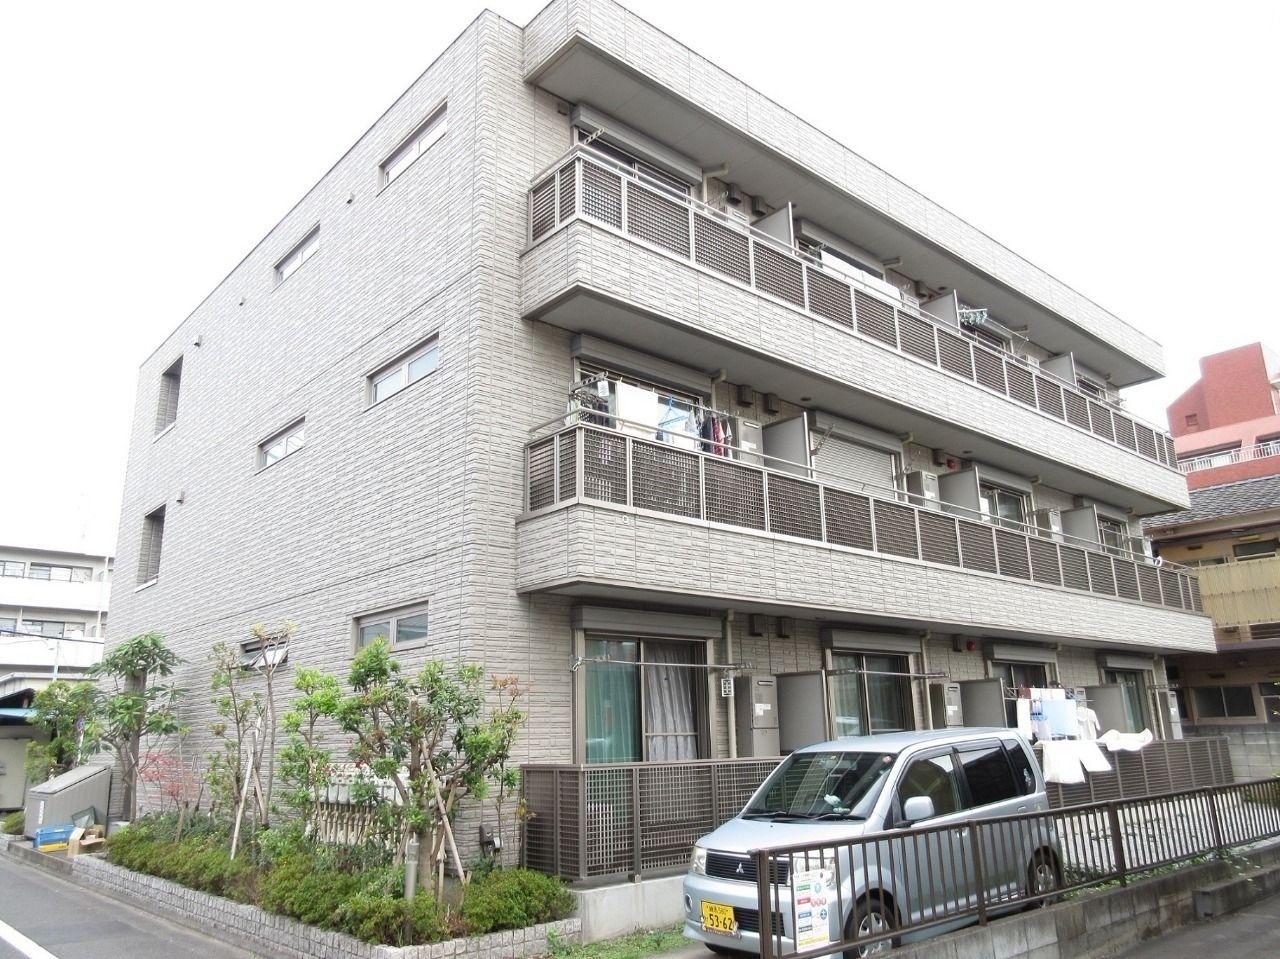 みなさまこんにちは。板橋区高島平の賃貸マンション【TOKIO 101号室】。間取りは1LDK。カウンターキッチン、オートロック、玄関の鍵は電子キーなど付帯設備が充実しているお部屋です。そして、駅近なのも嬉しいポイント。